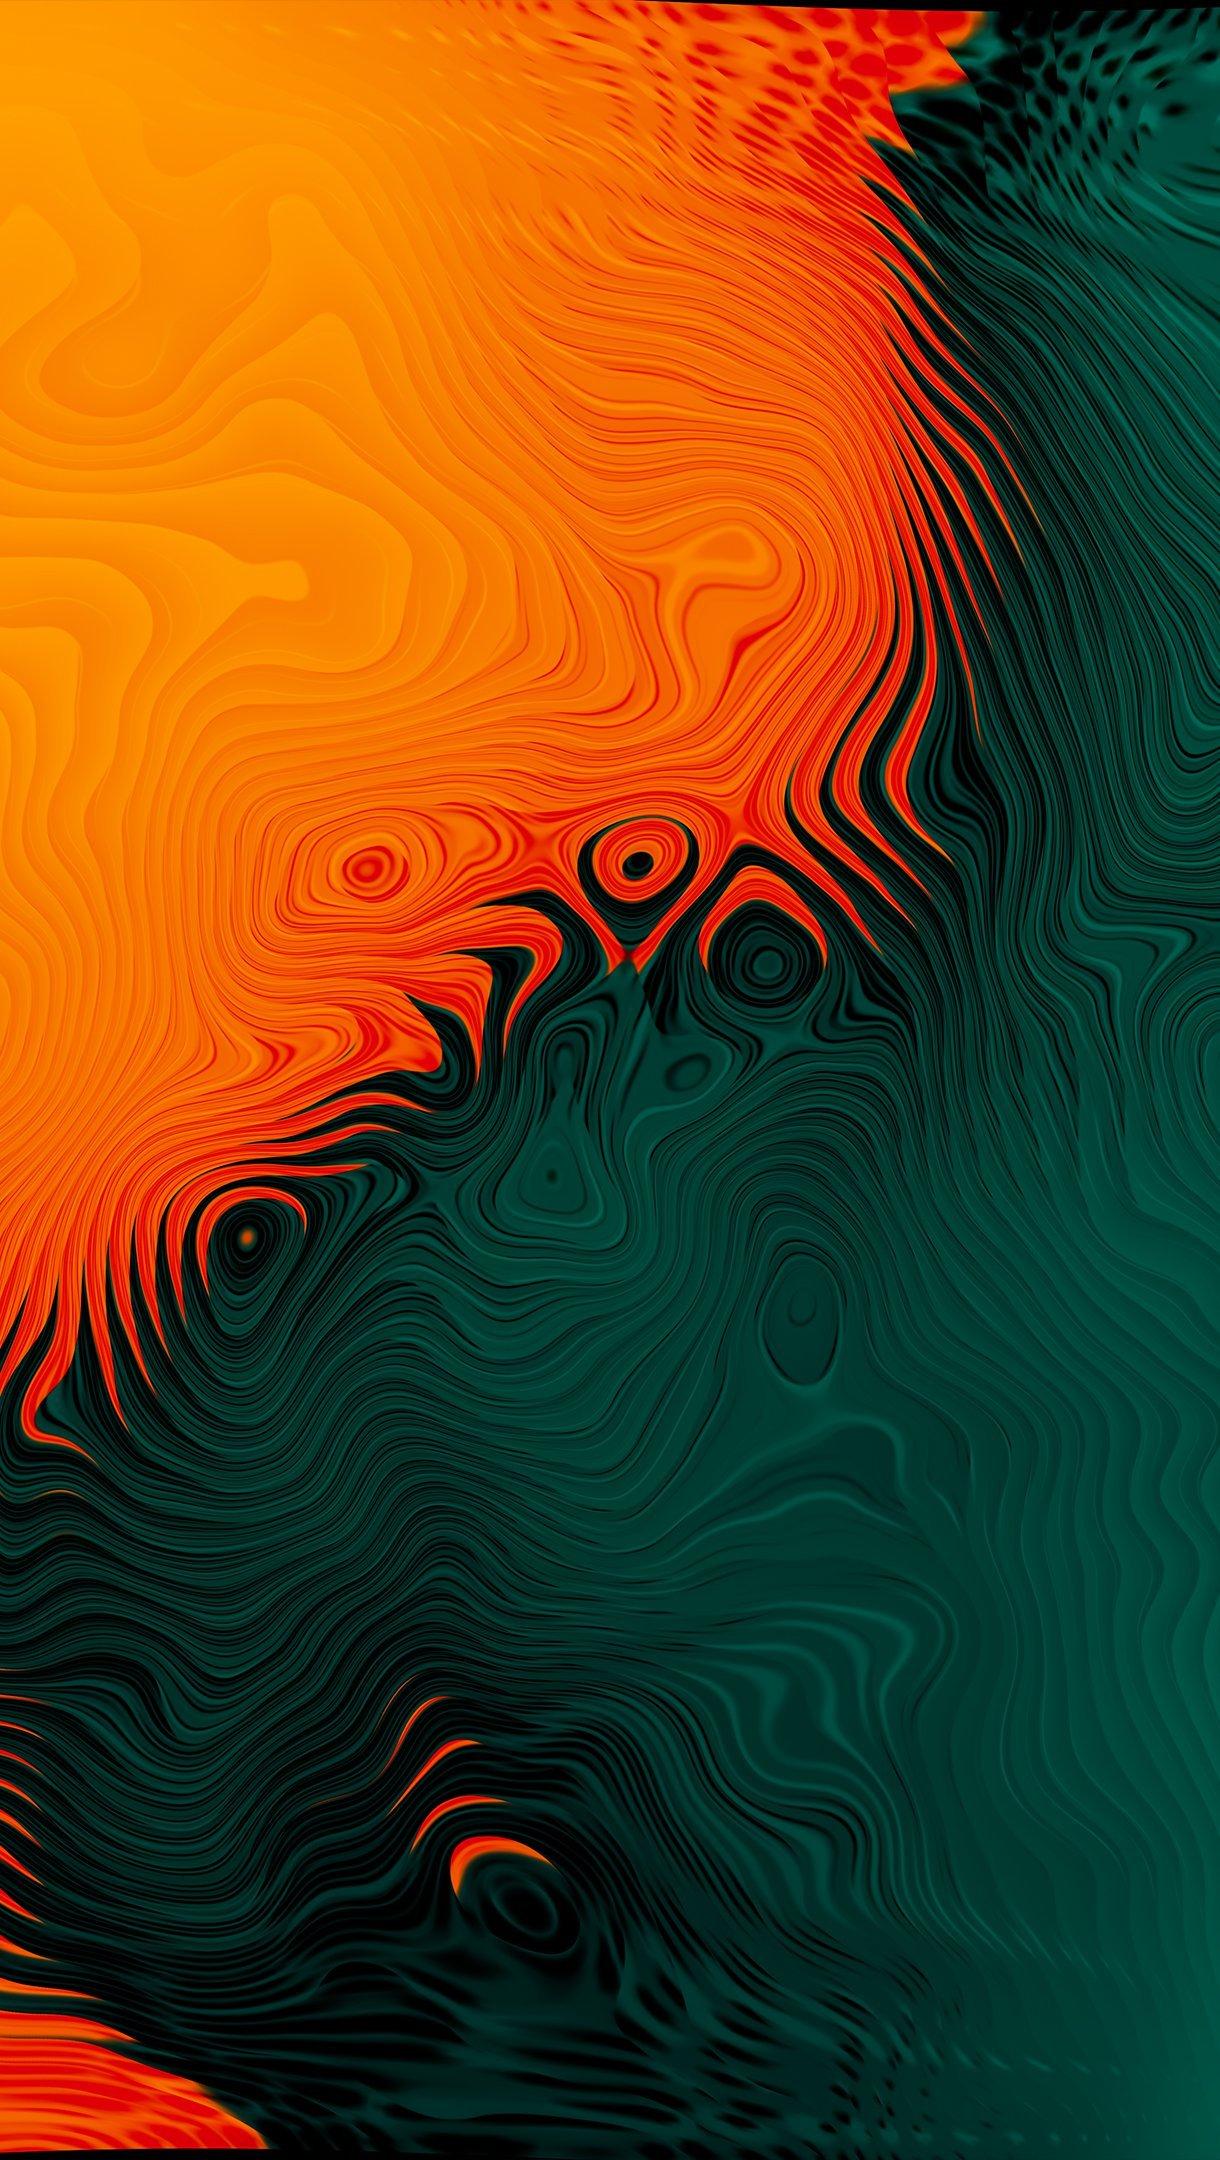 Fondos de pantalla Naranja y verde con olas Vertical